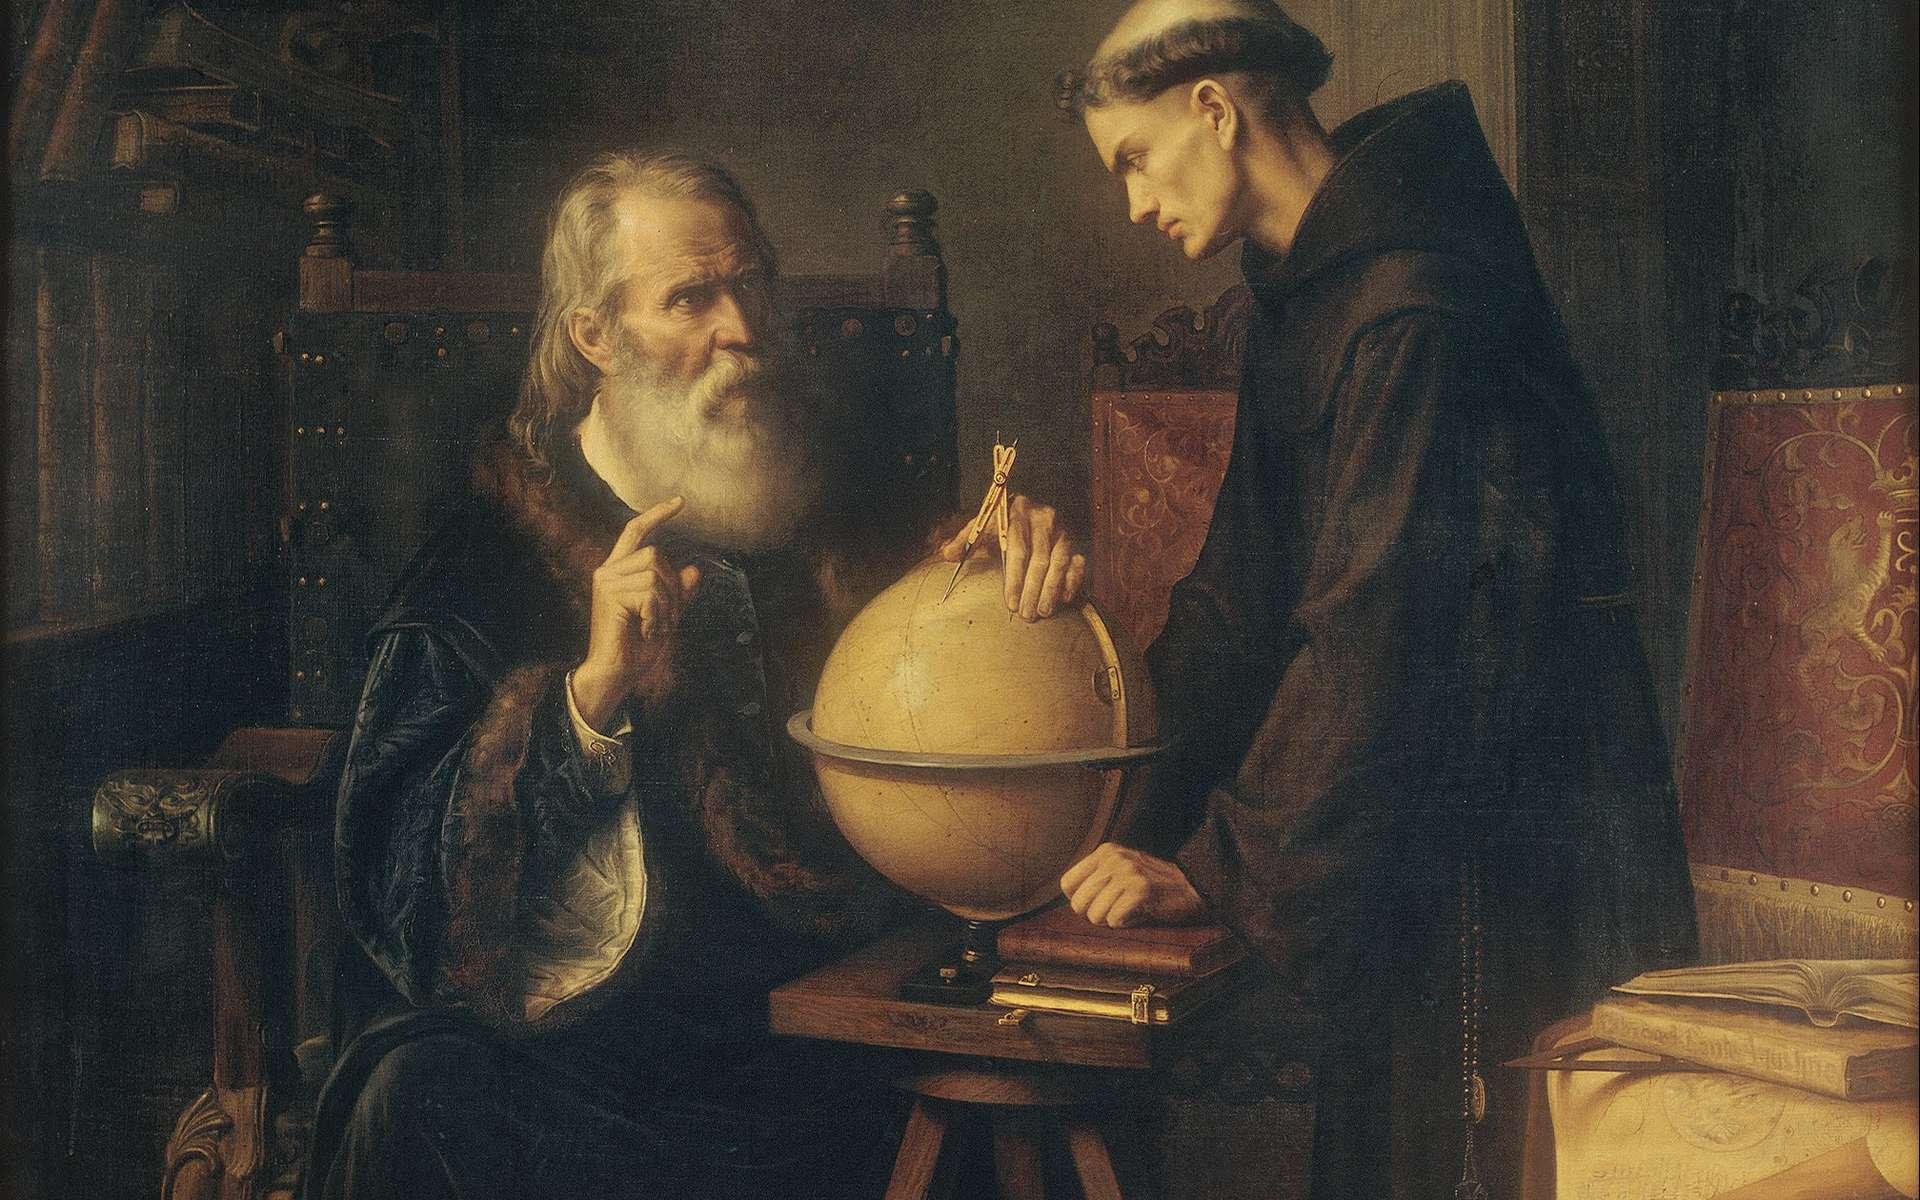 Deux versions de la lettre ayant valu la condamnation de Galilée pour hérésie circulent. Laquelle est la vraie ? © Peinture de Félix Parra, Wikipédia